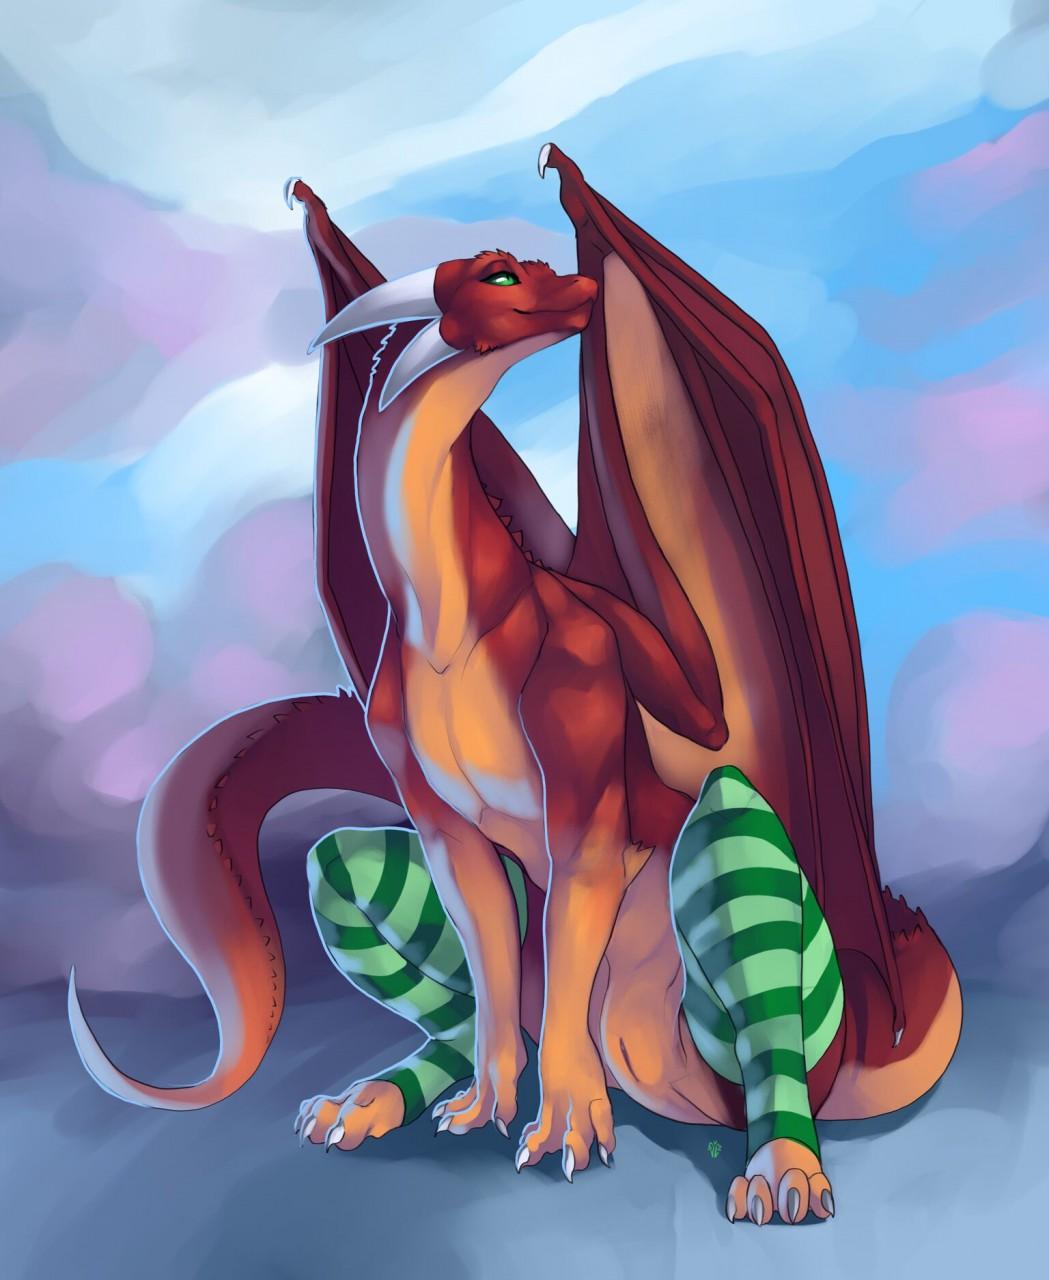 Porngames female furry female dragon hardcore picture